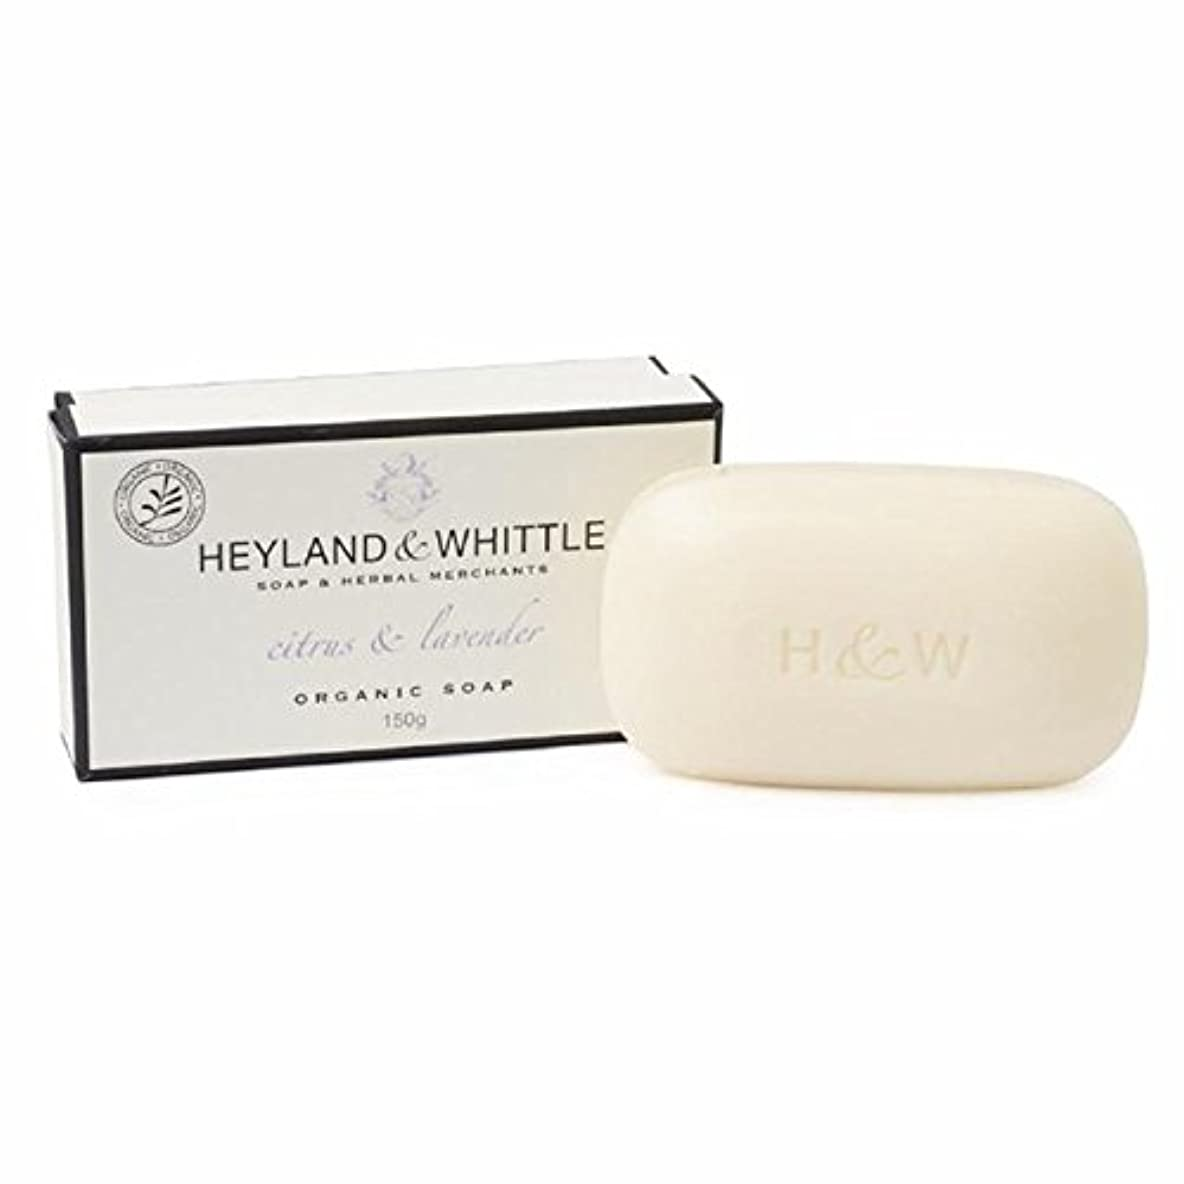 拮抗滅多待ってHeyland & Whittle Citrus & Lavender Boxed Organic Soap 150g - &削るシトラス&ラベンダーは、有機石鹸150グラム箱入り [並行輸入品]